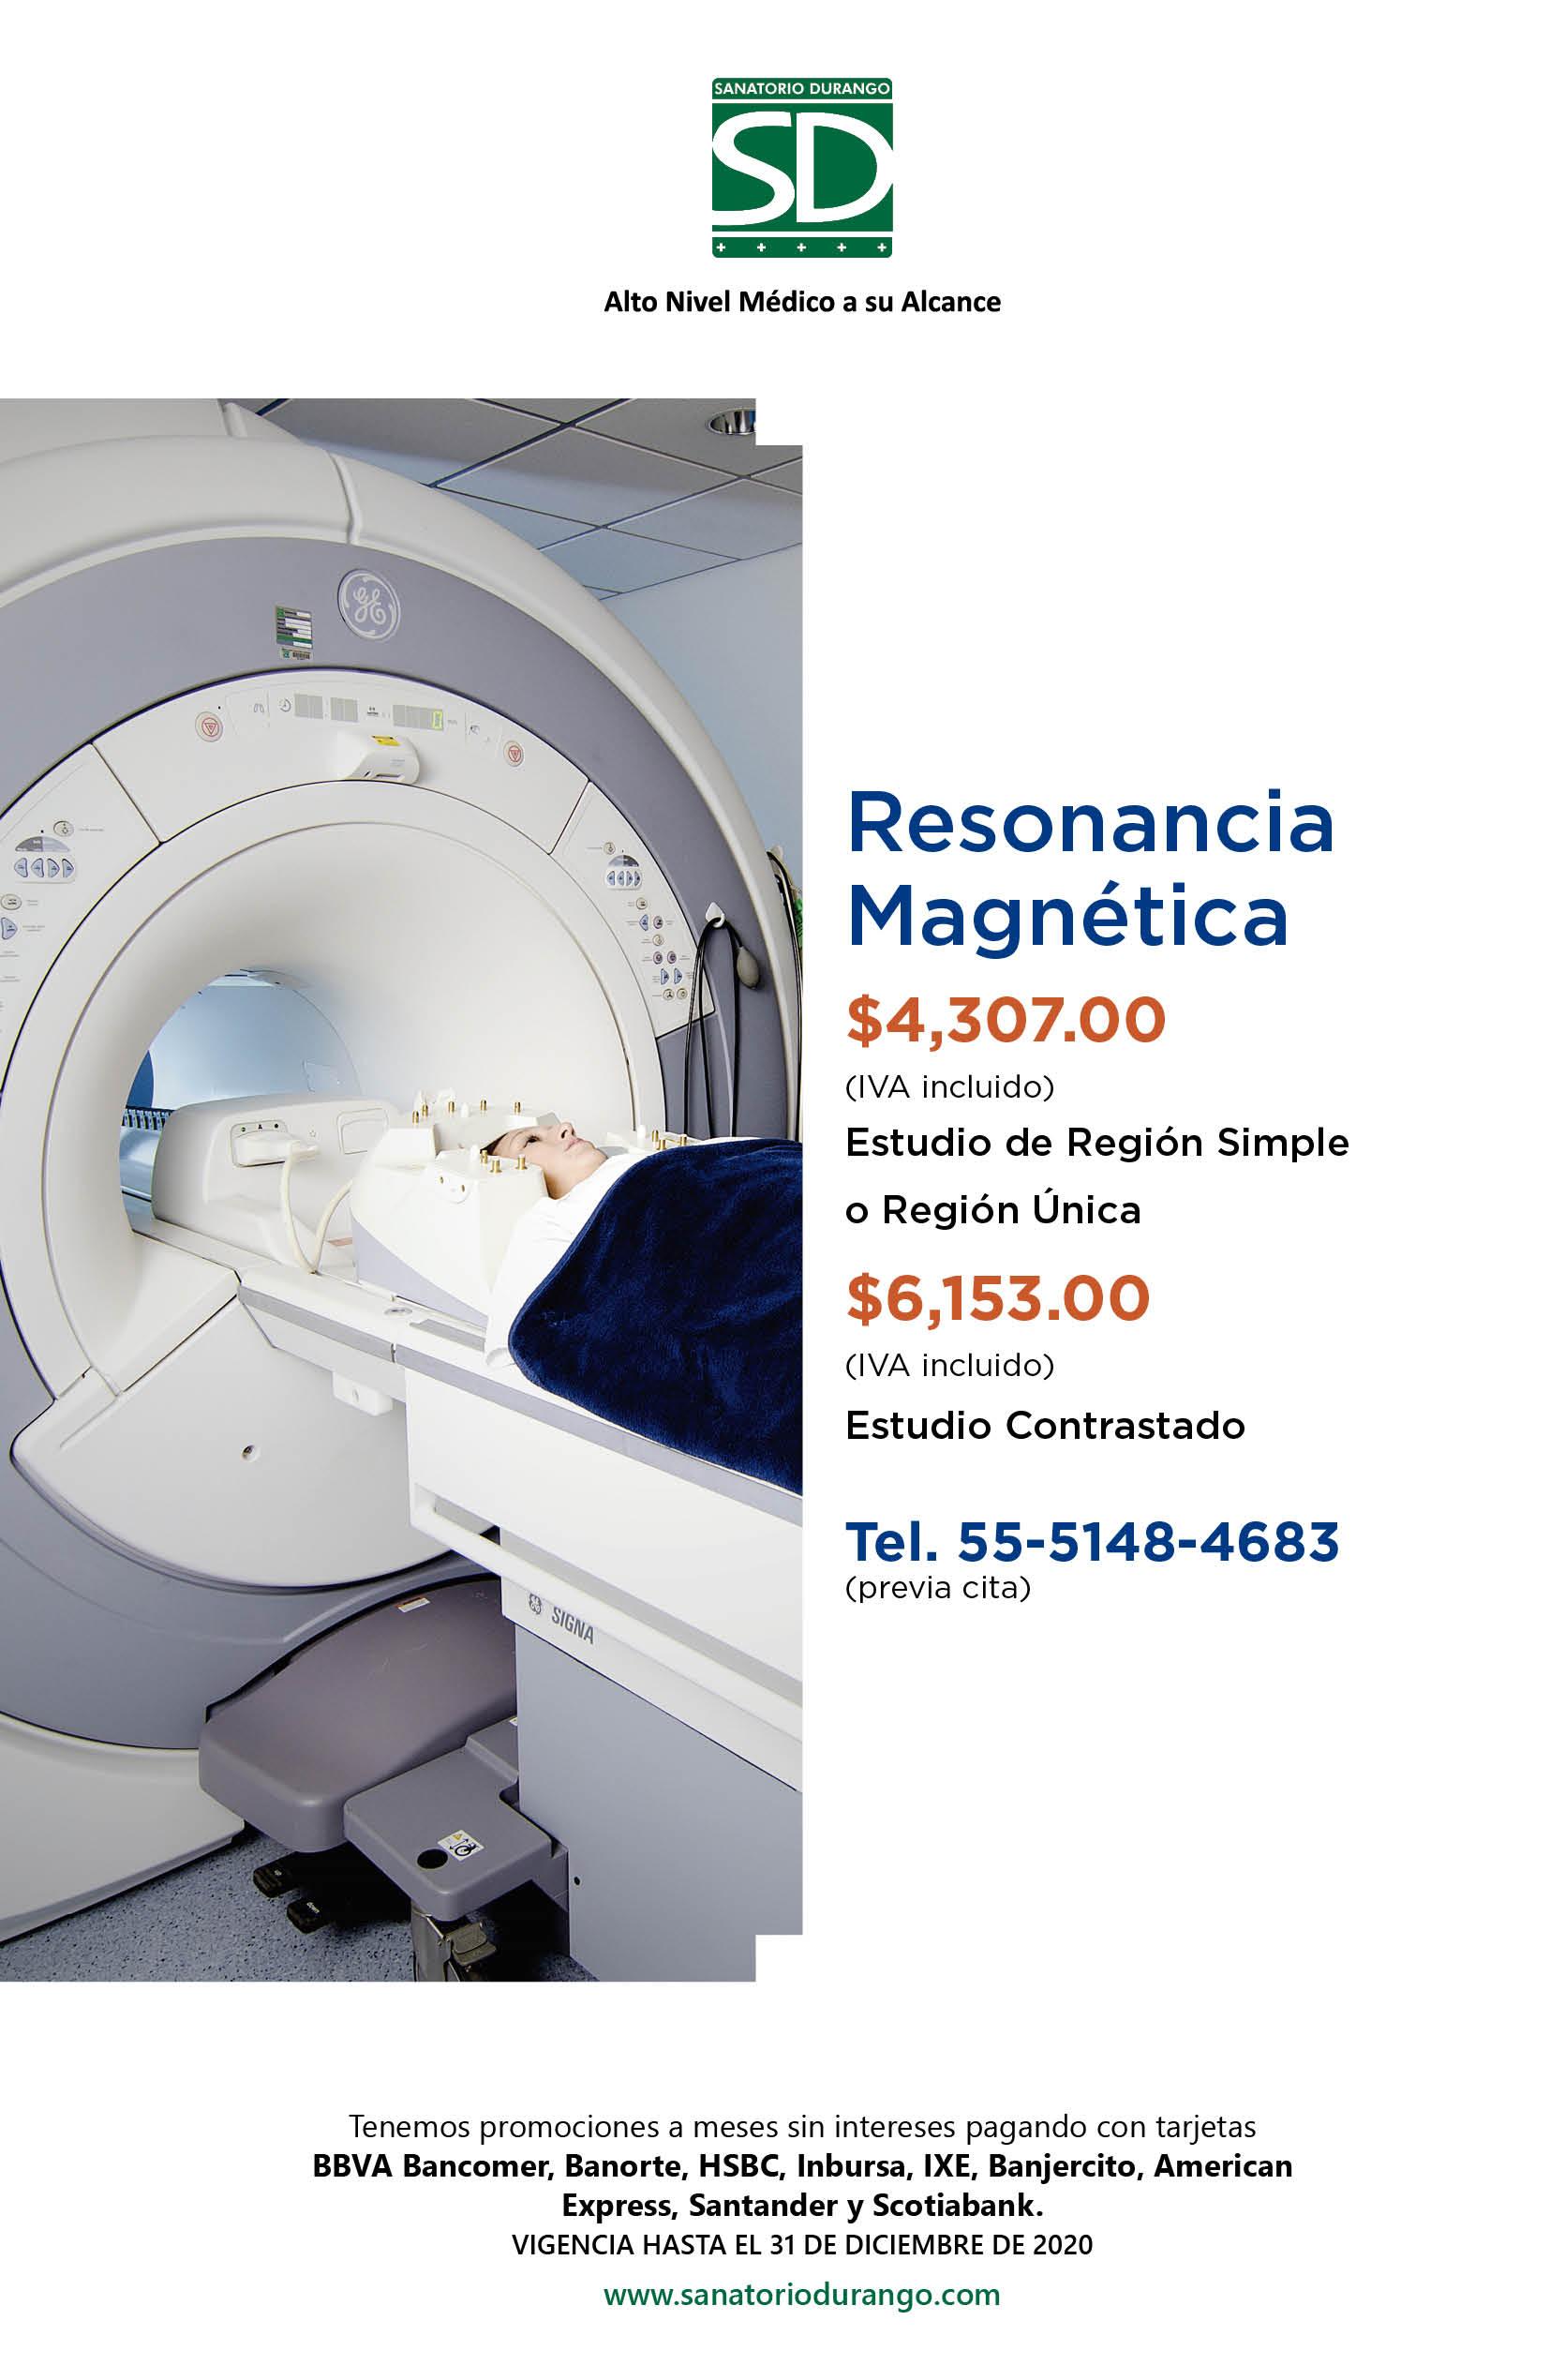 resonancia magnetica de encefalo simple costo